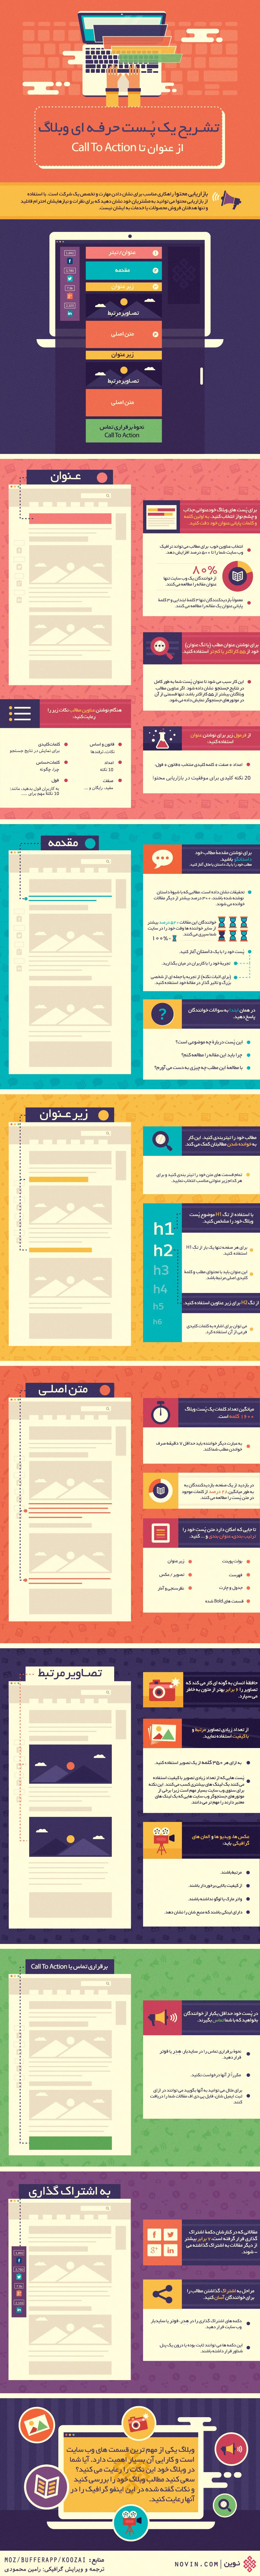 آناتومی یک پست حرفه ای وبلاگ: روش های سئو و بهینه سازی وبلاگ و مطالب آن